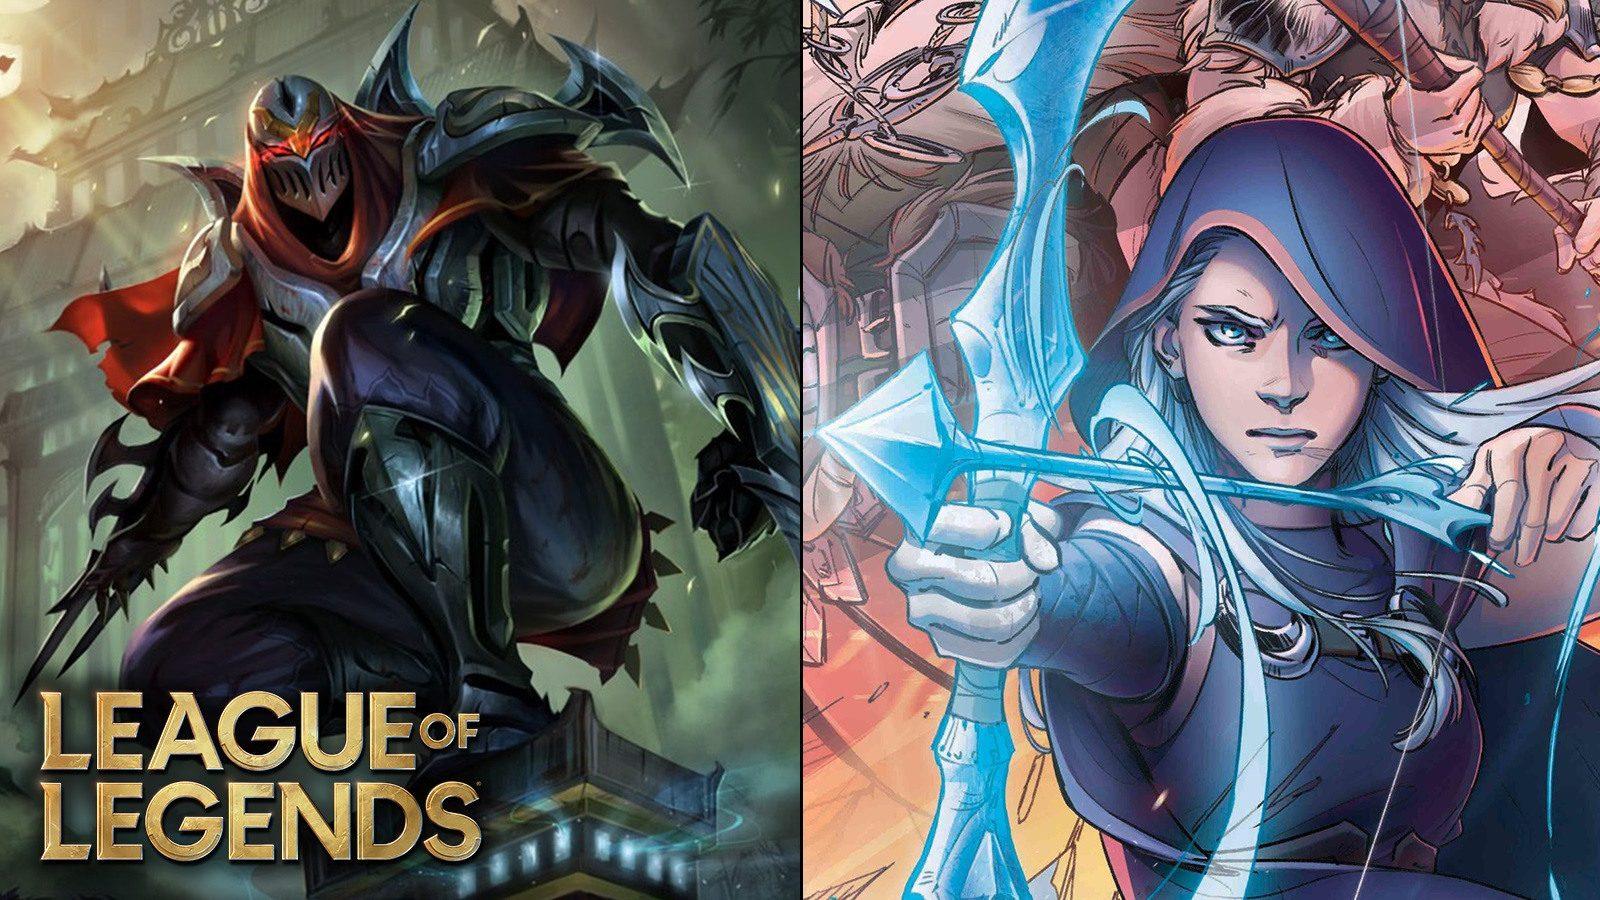 《英雄联盟》将与漫威合作 推3部漫画明年发售